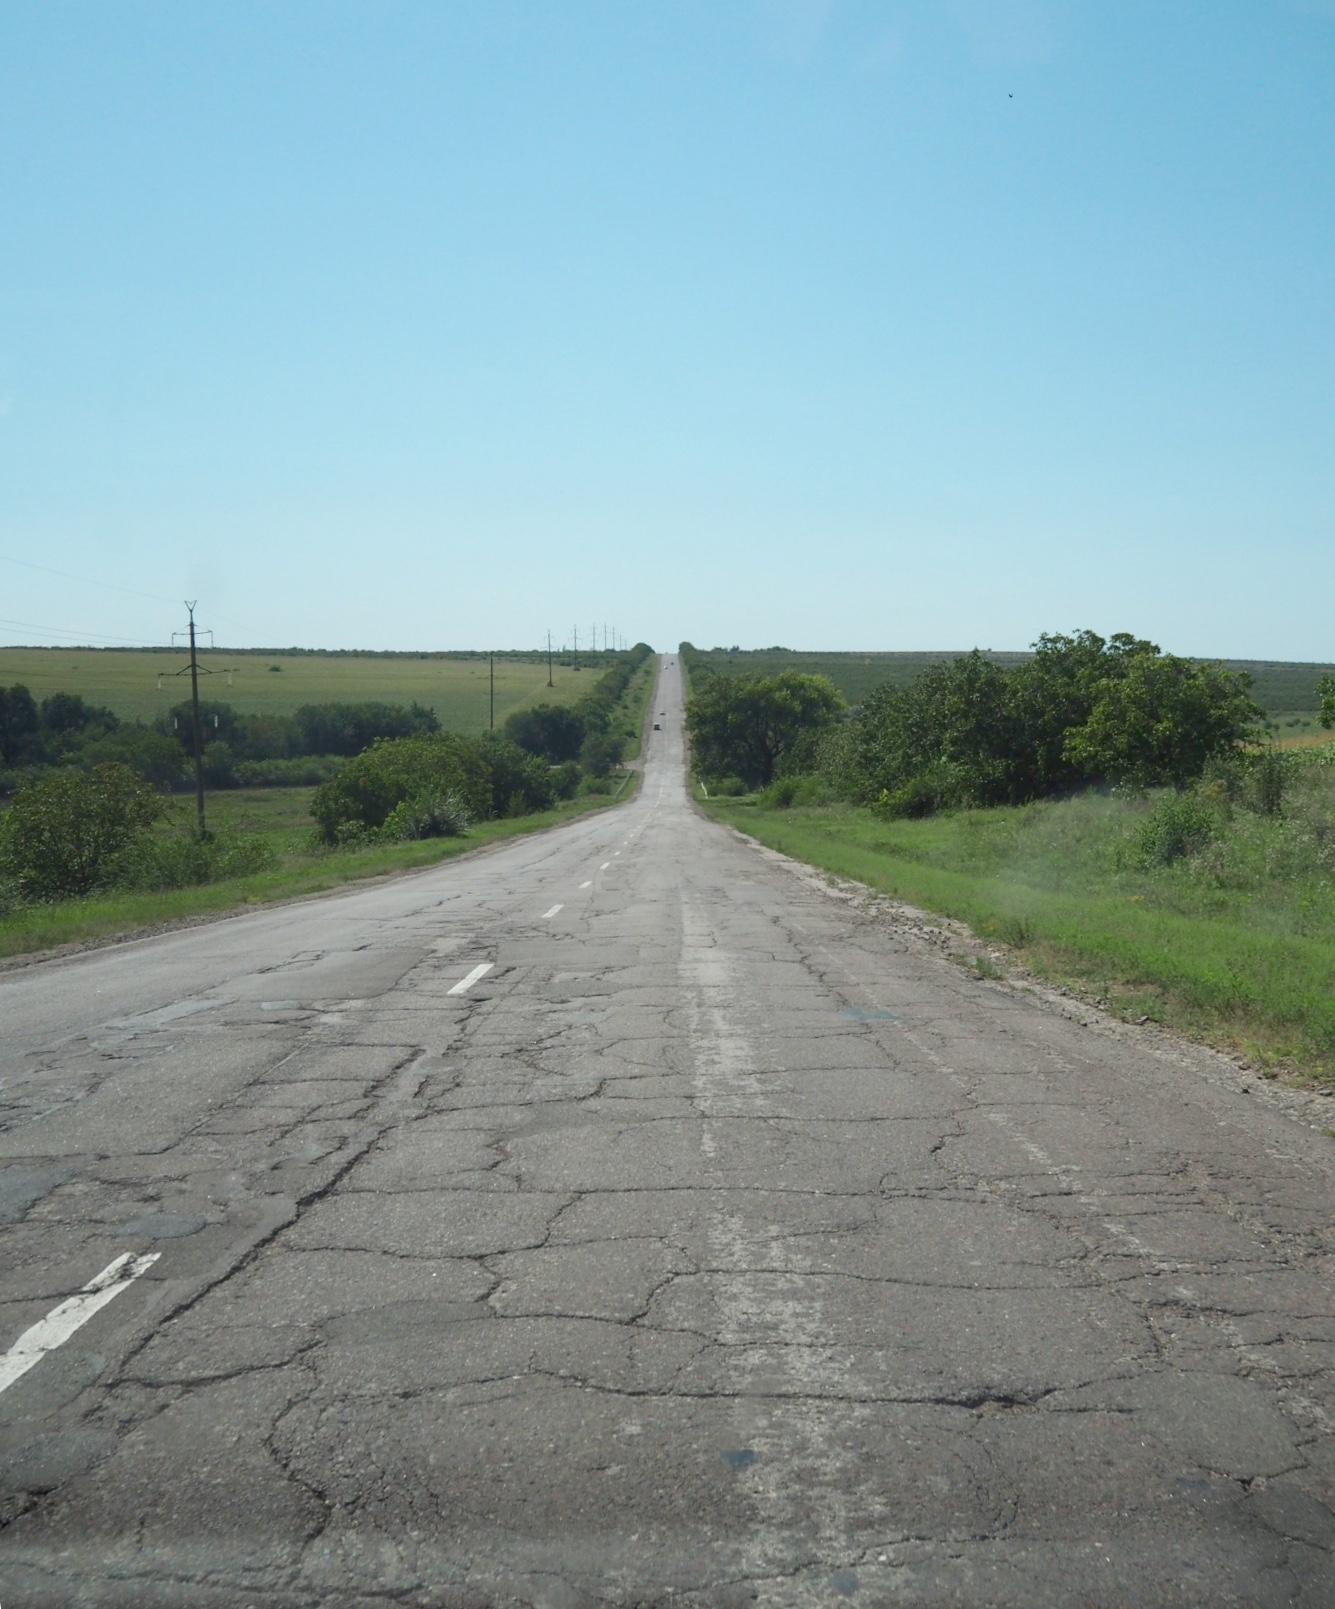 Ukraina autostopem? Dzień 4: A Mołdawia autostopem da się też? 22